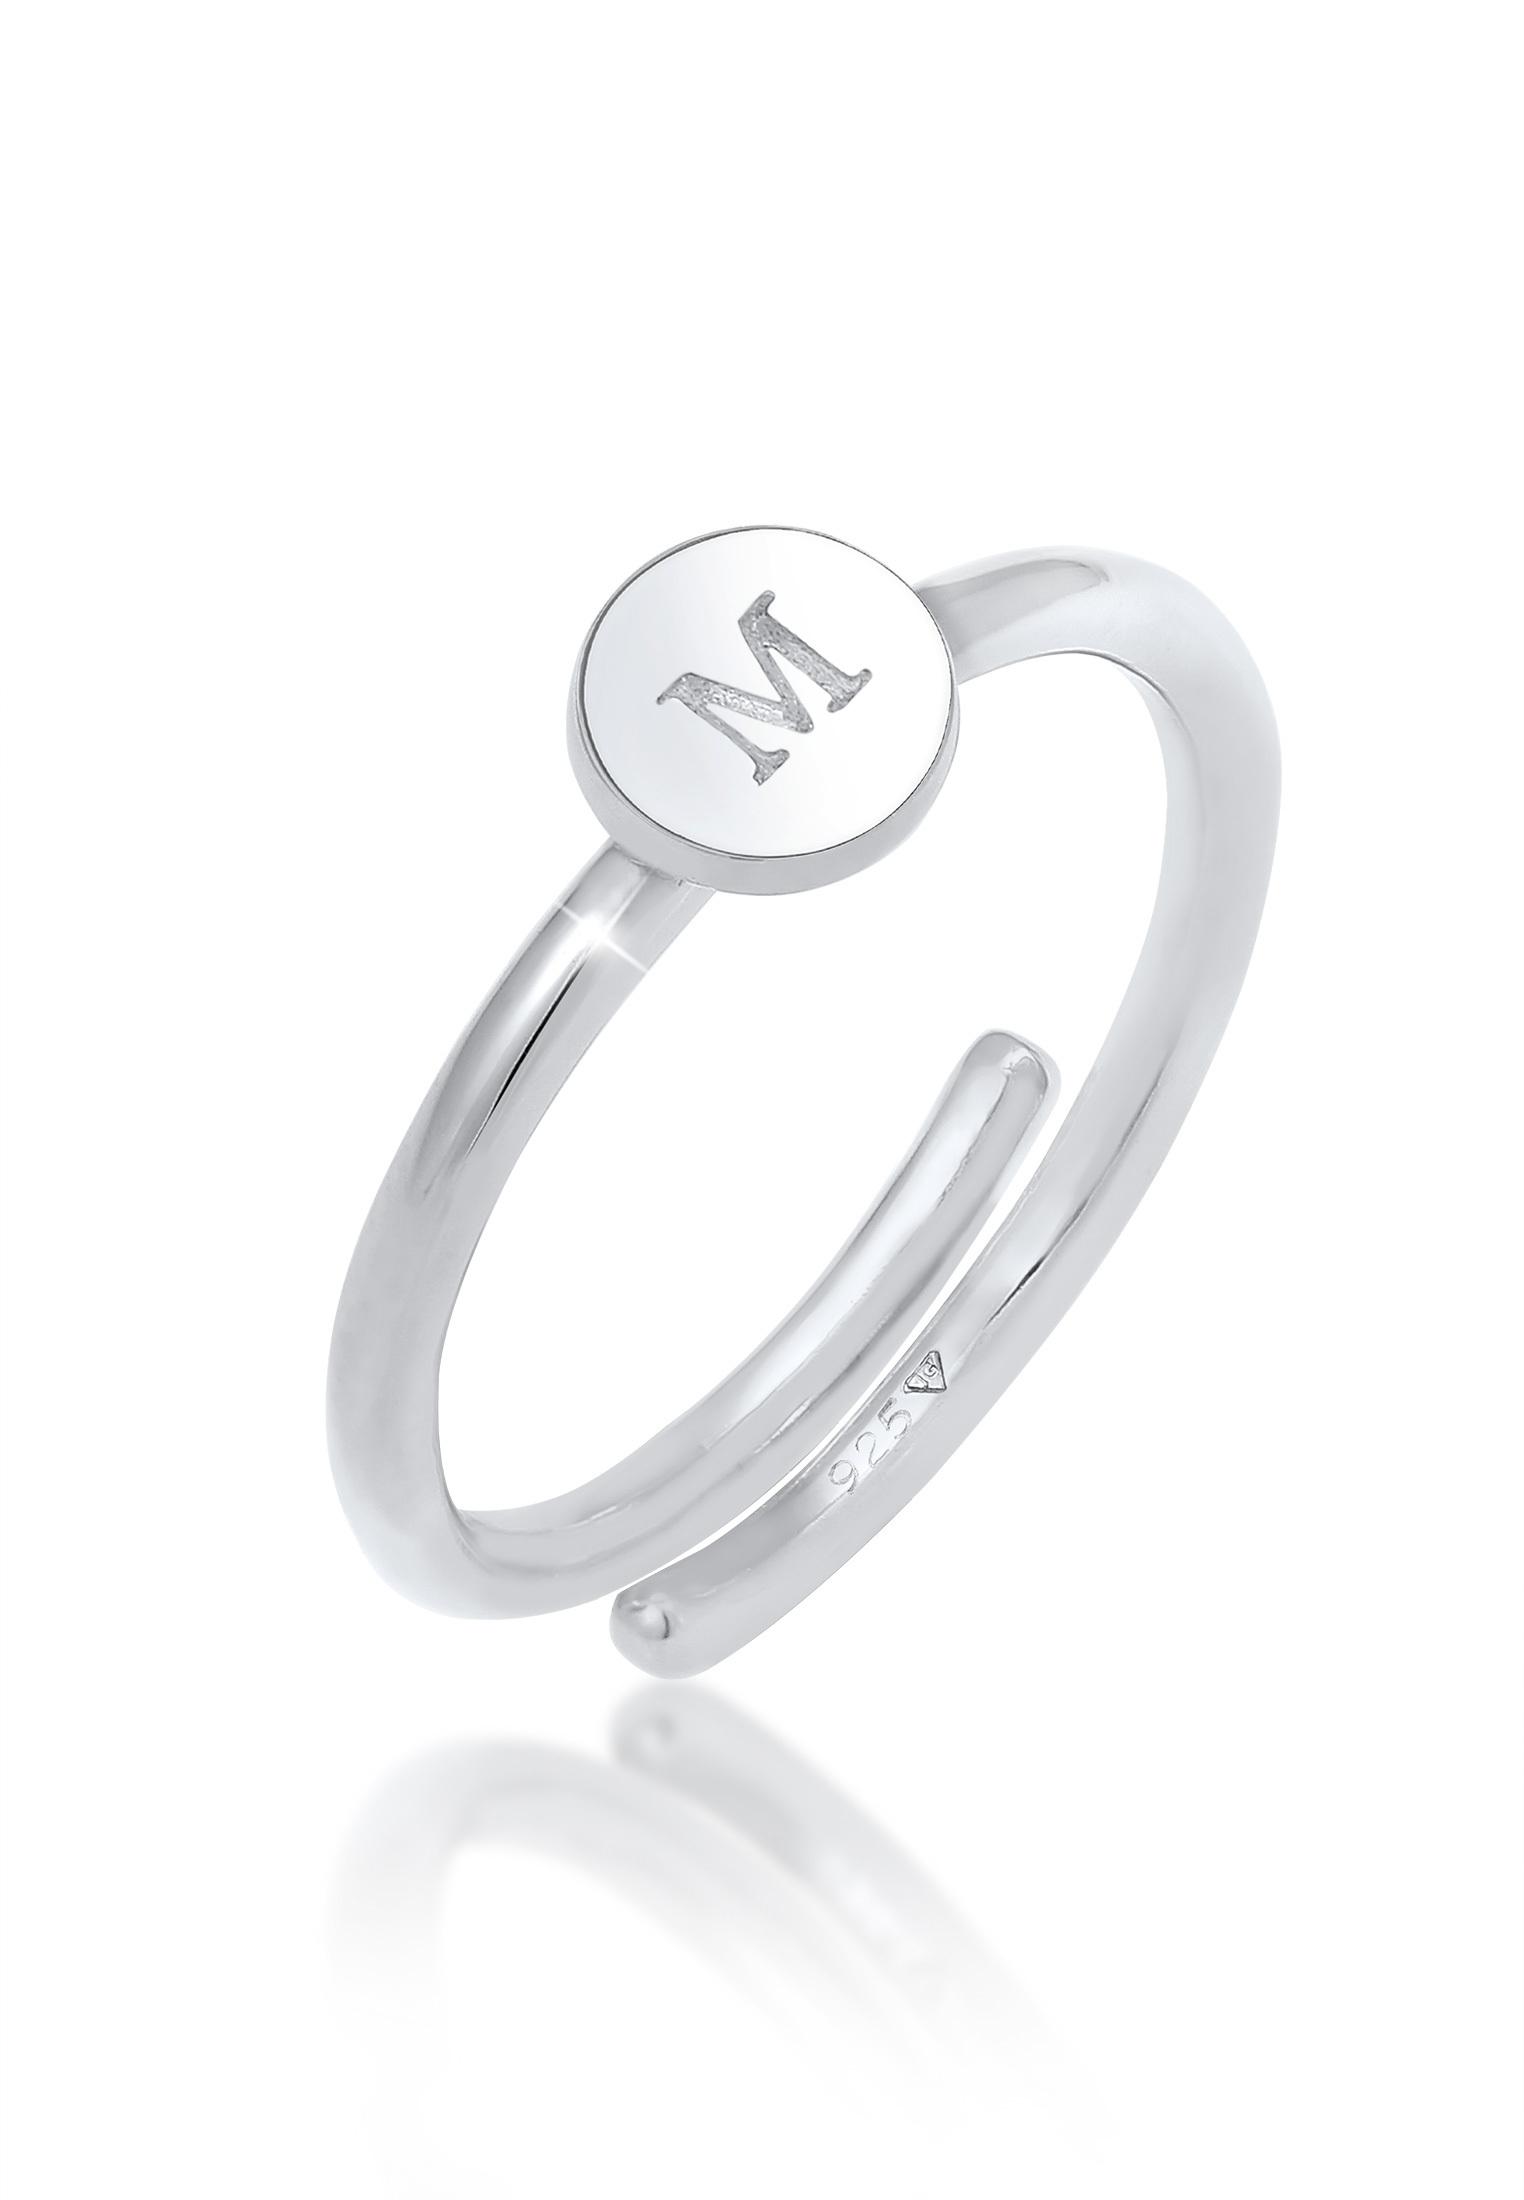 Ring Buchstabe   925er Sterling Silber